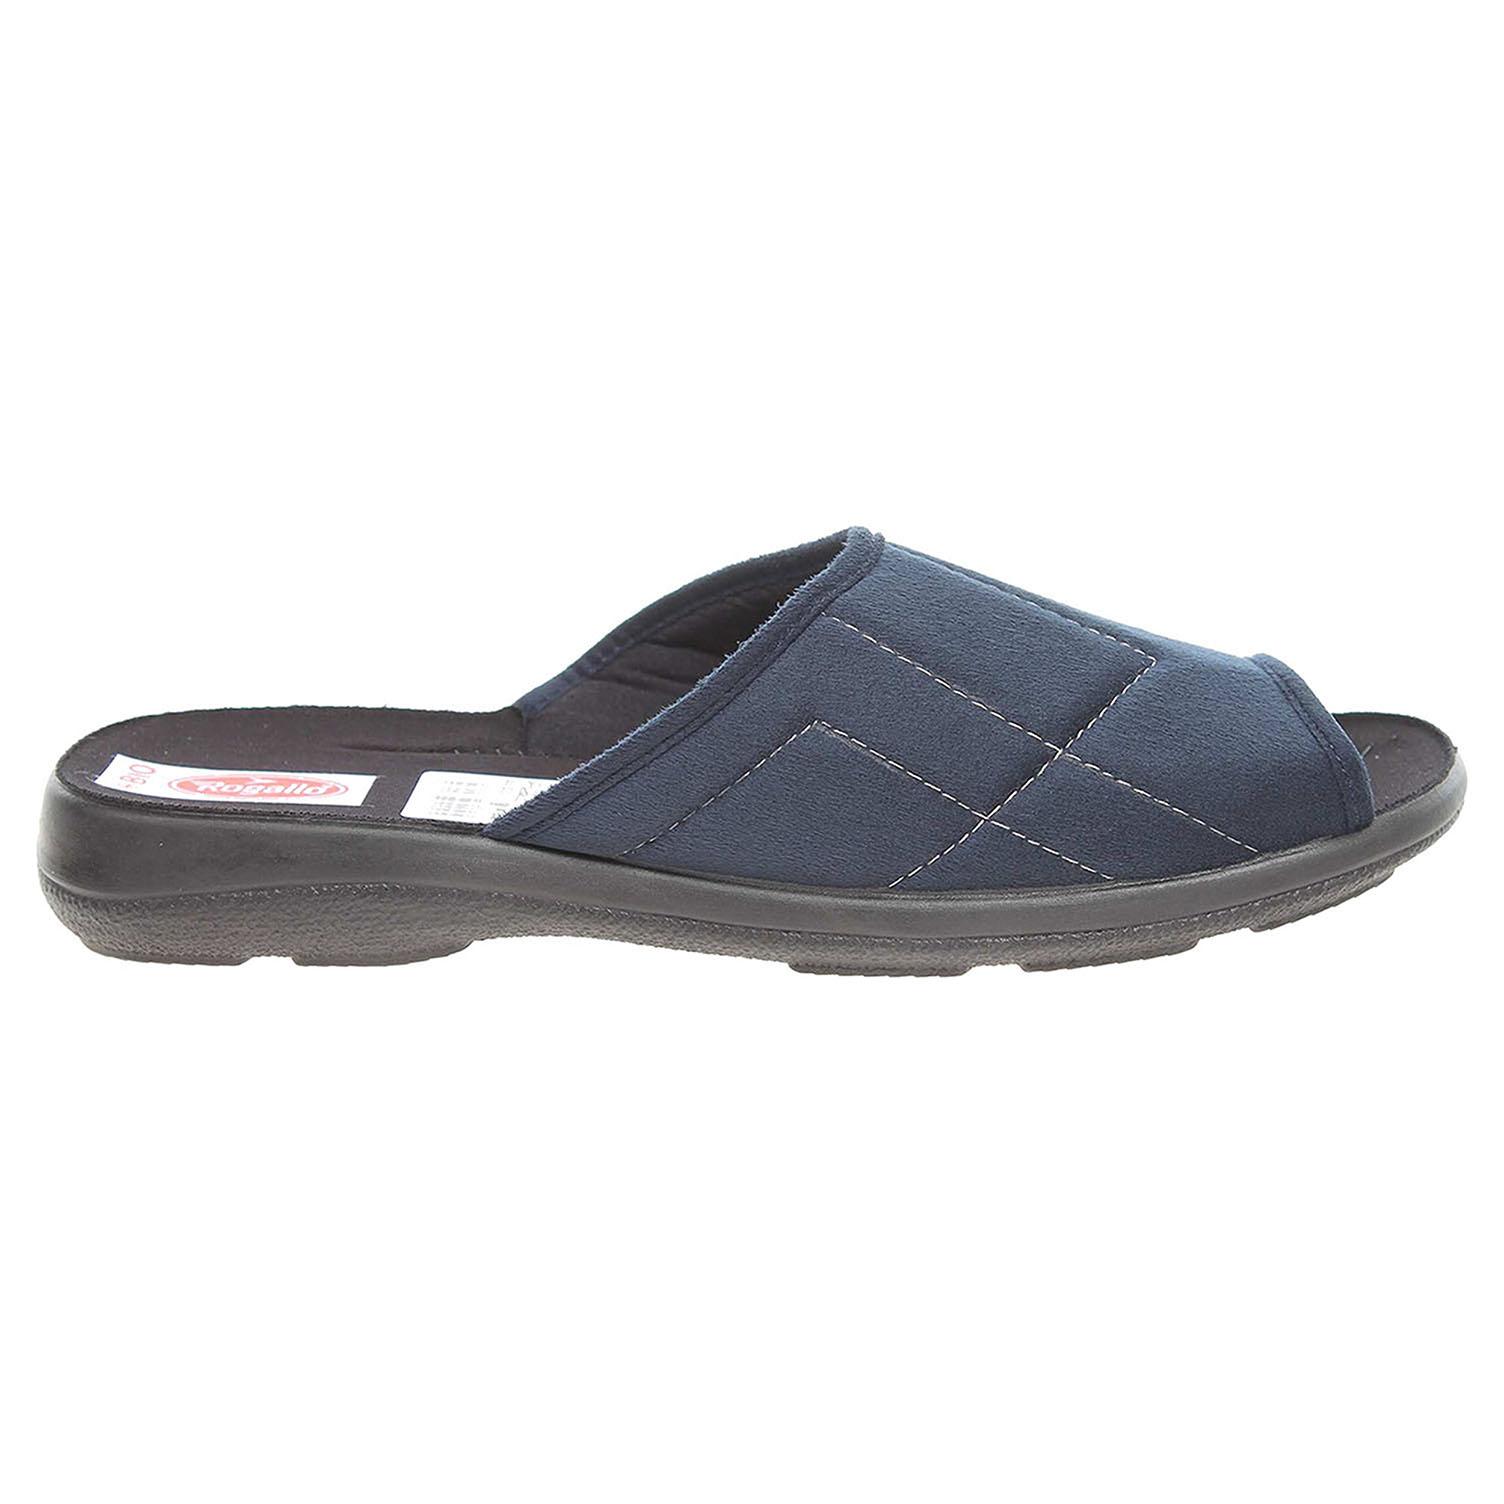 Ecco Rogallo pánské pantofle 21110 modré 24800218